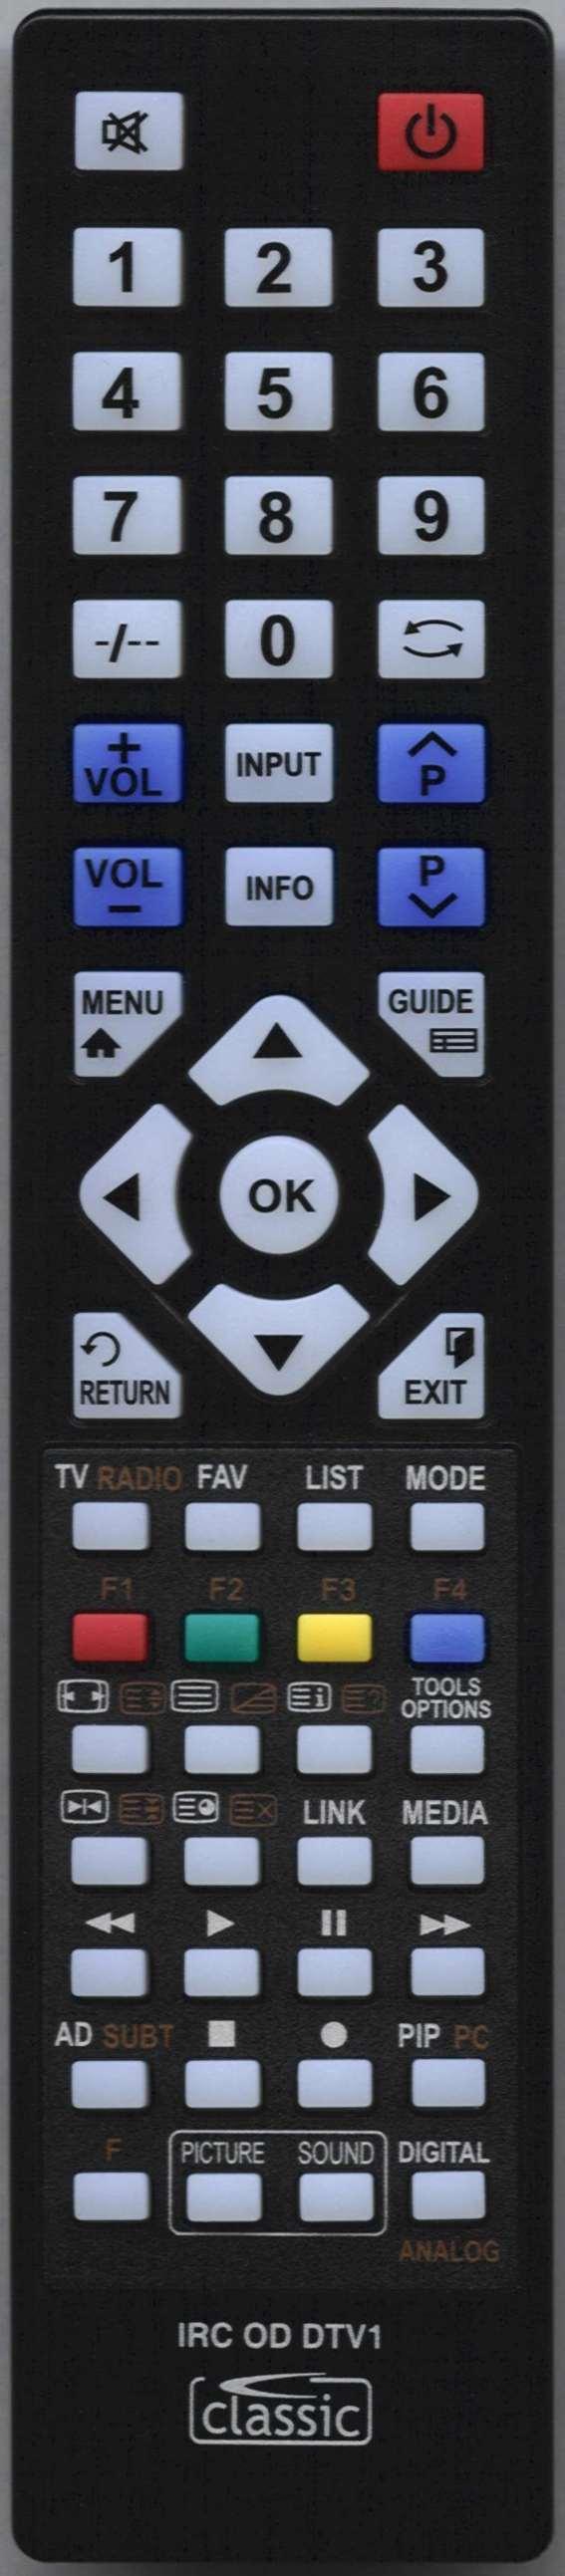 CELLO C22230T2-LED Remote Control Alternative